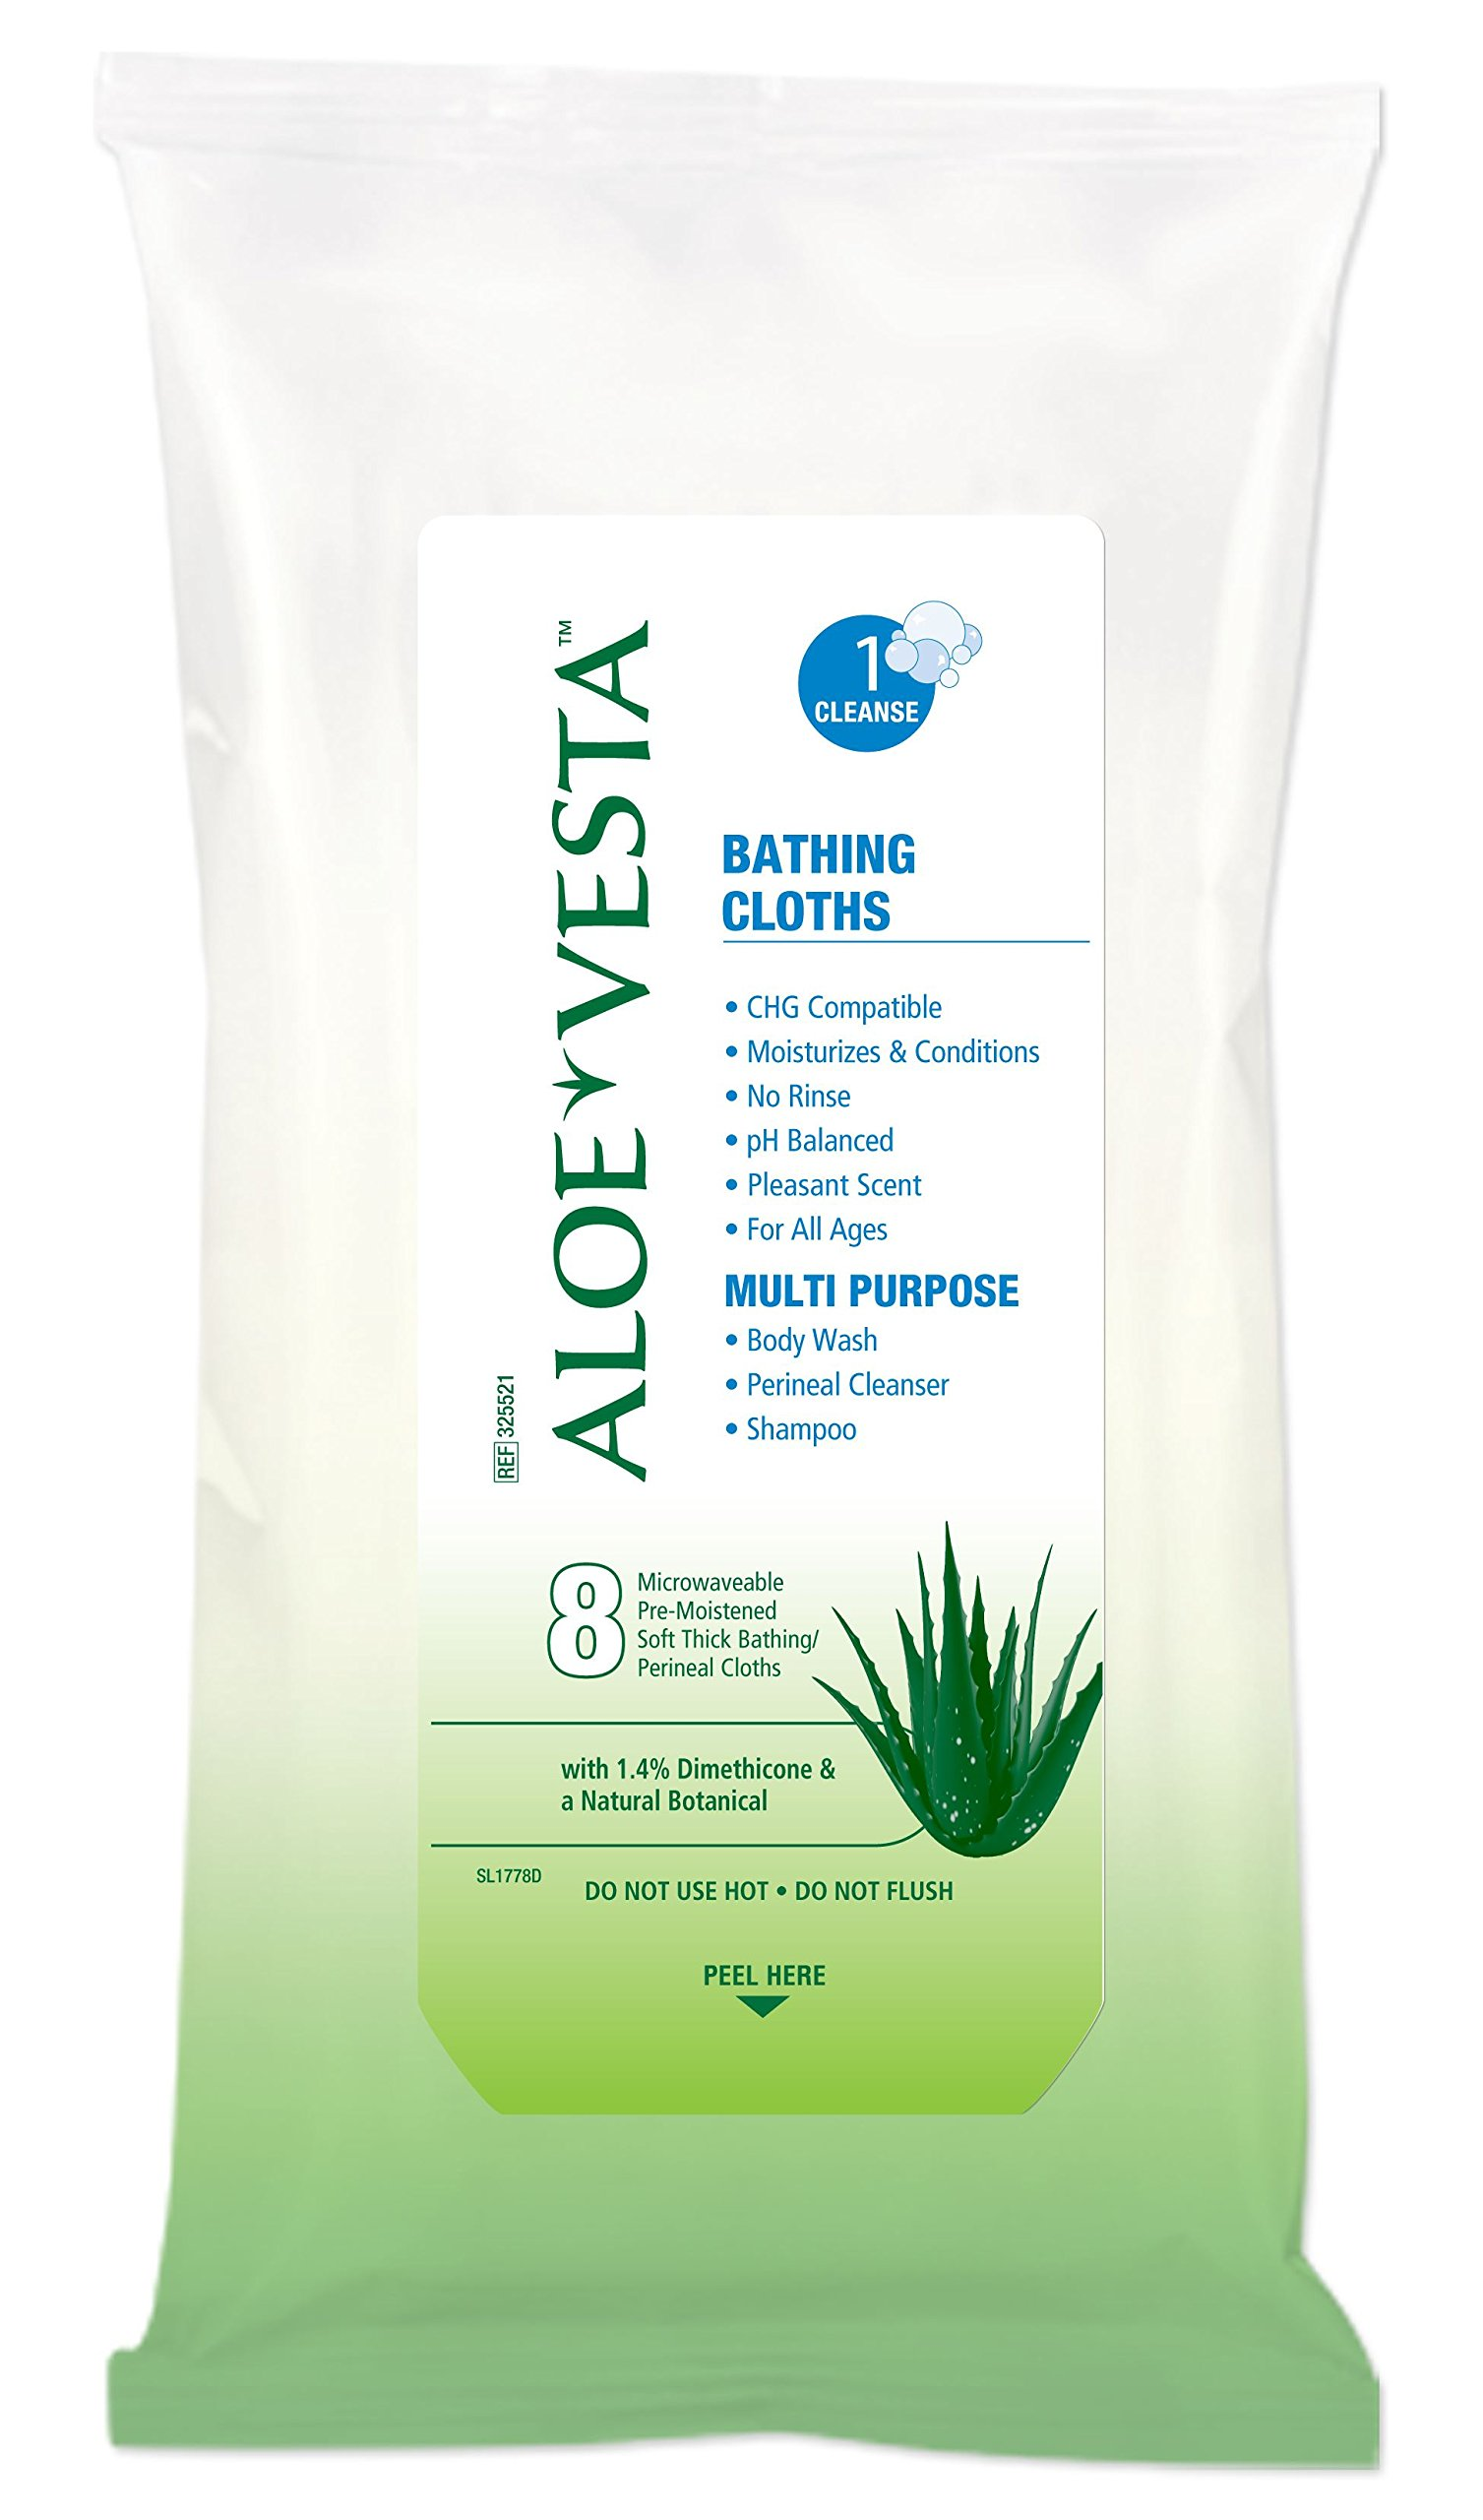 MCK55211800 - Bath Wipe Aloe Vesta Soft Pack Dimethicone Scented